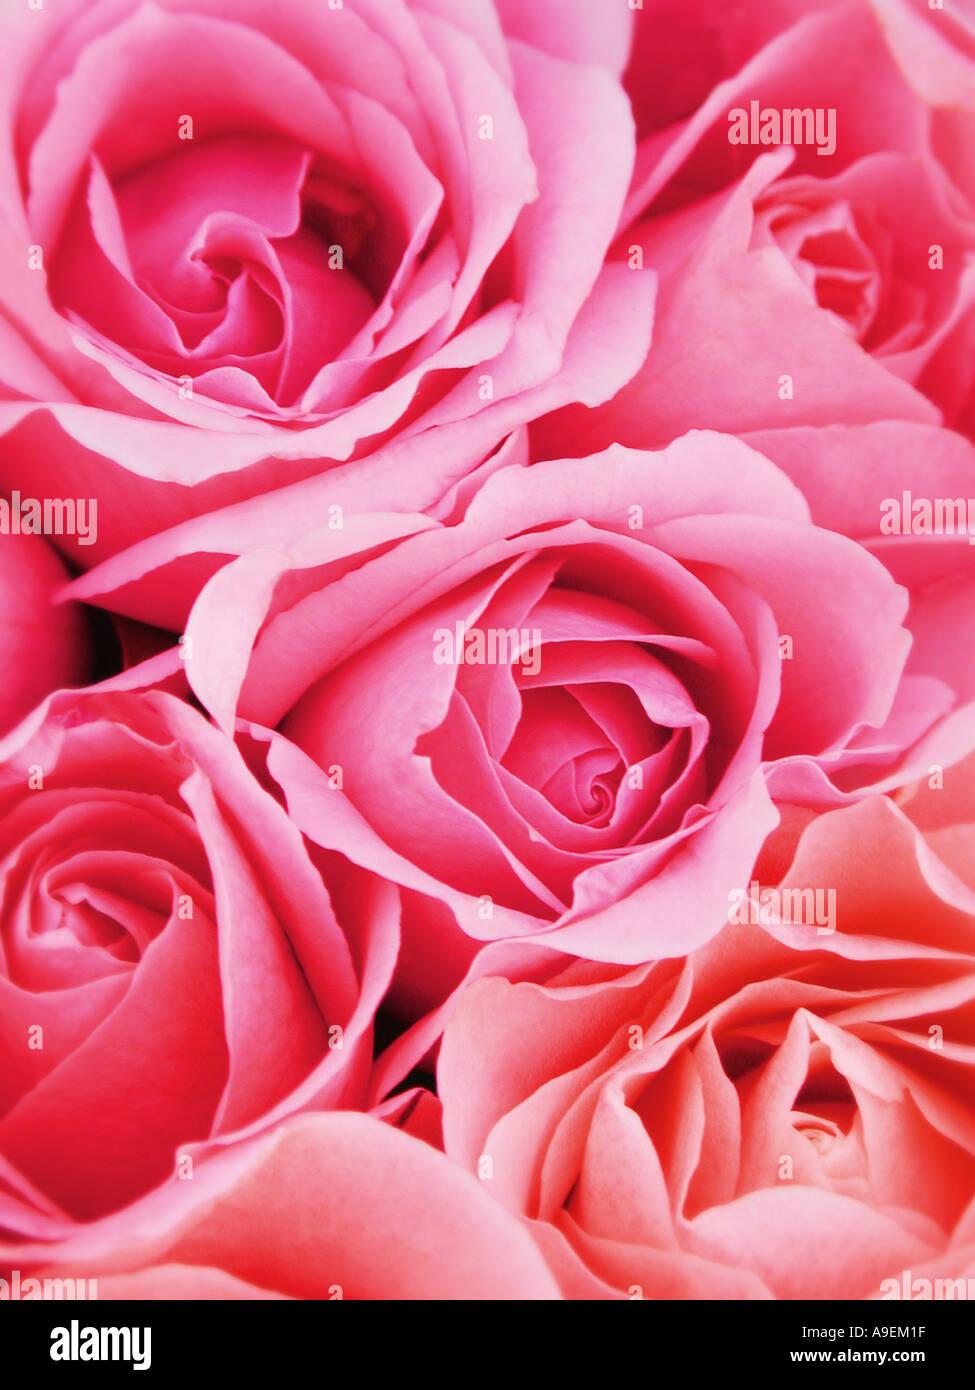 Nombre común nombre latín rosas rosa Imagen De Stock